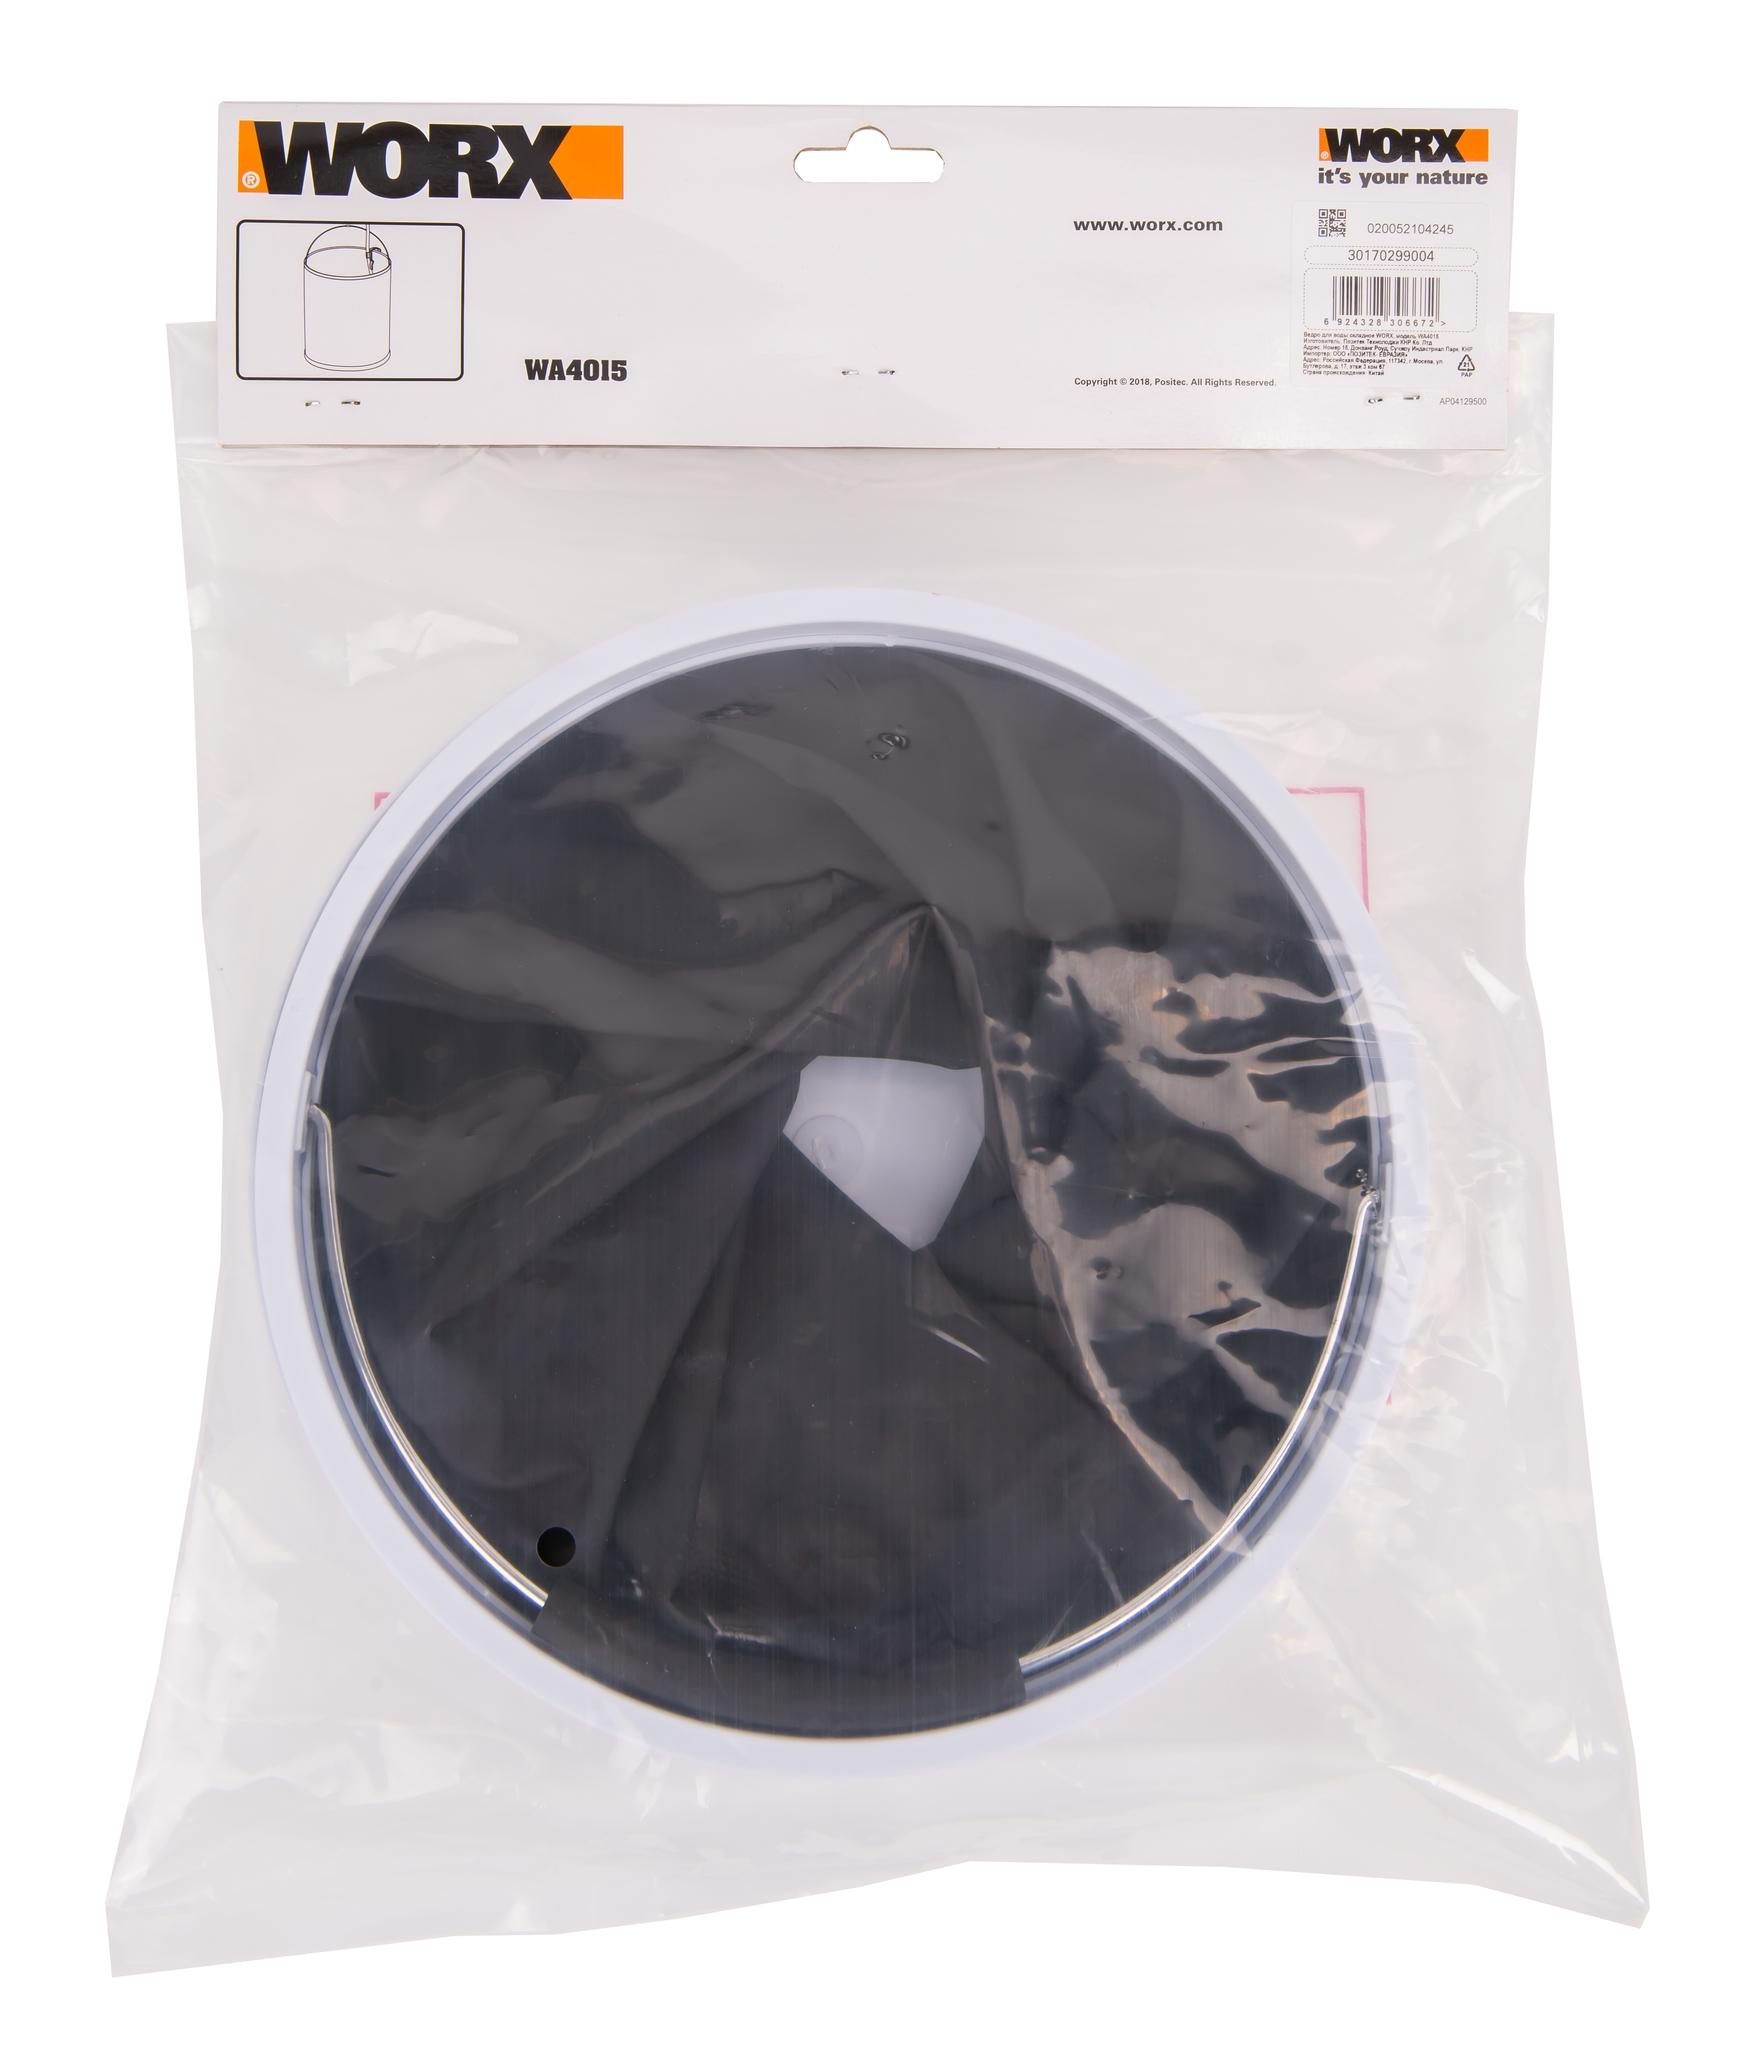 Ведро для воды складное для аккумуляторной мойки высокого давления WORX WA4015